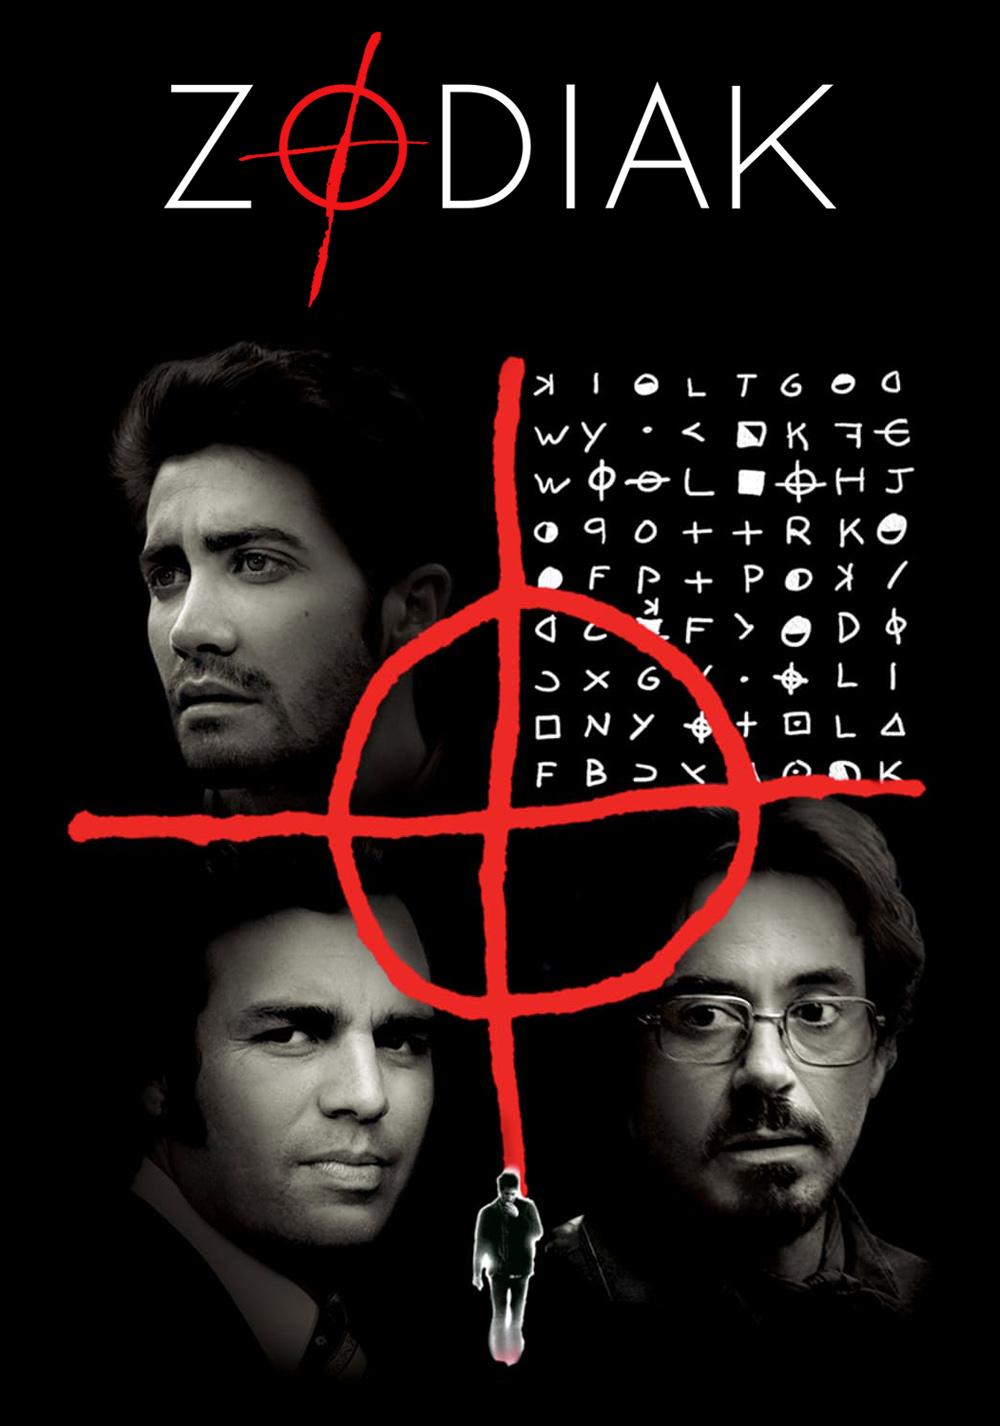 Zodiac Film